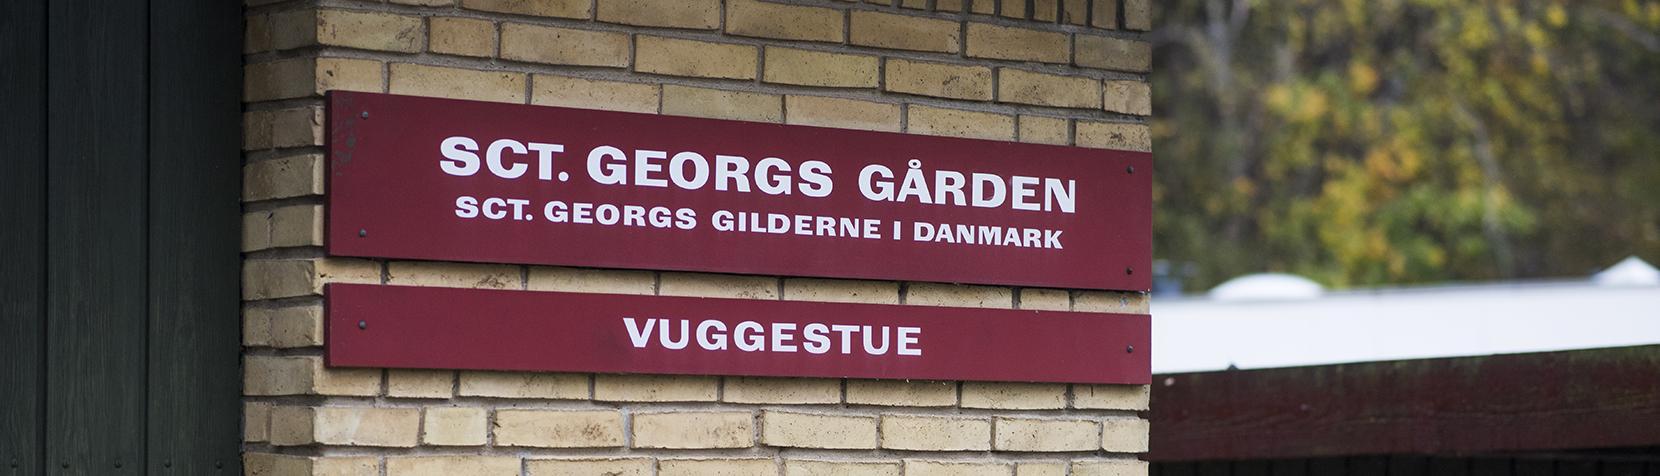 Sct. Georgs Gårdens Vuggestue